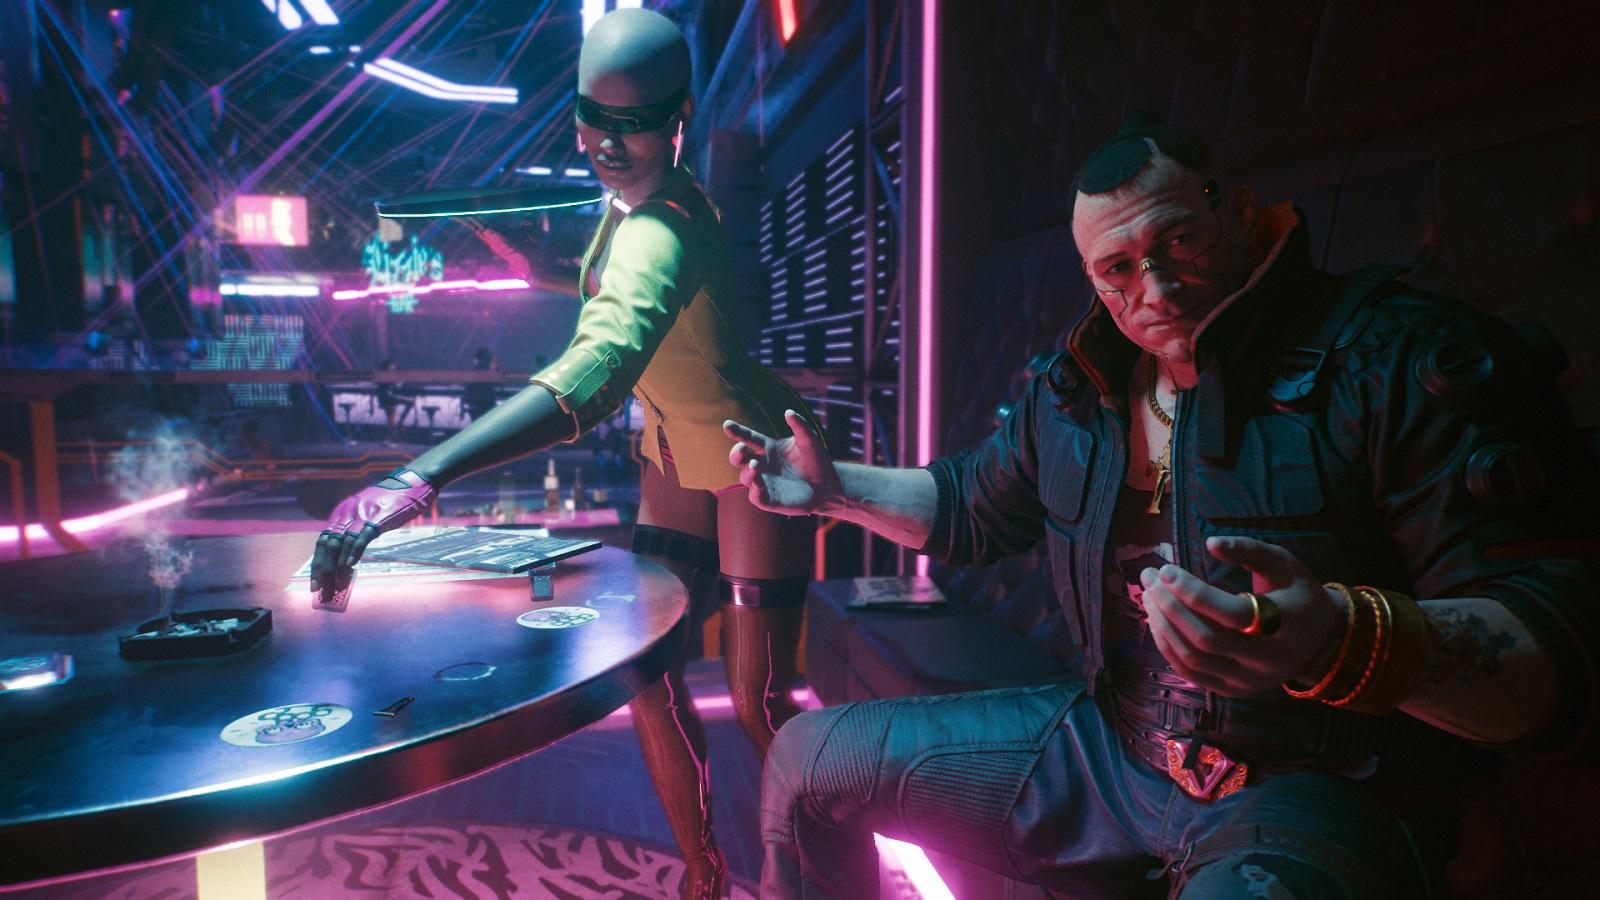 Создатель Kingdom Come: Deliverance назвал Cyberpunk 2077 лучшей игрой за последние годы